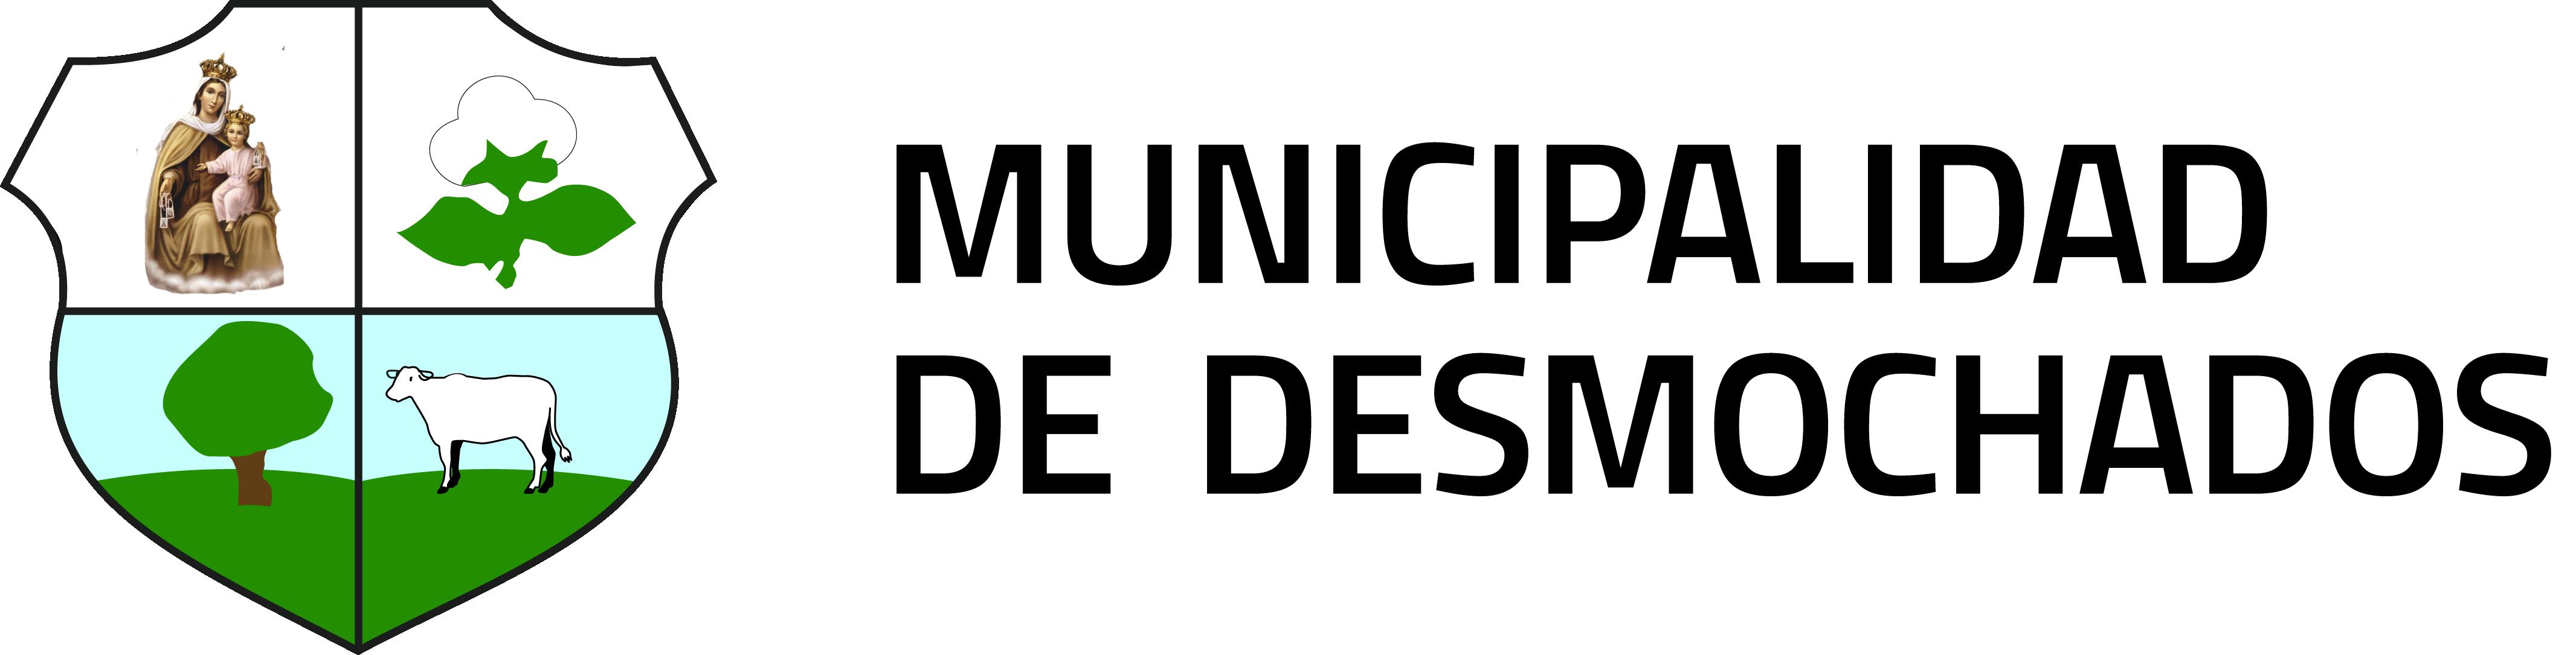 Municipalidad de Desmochados